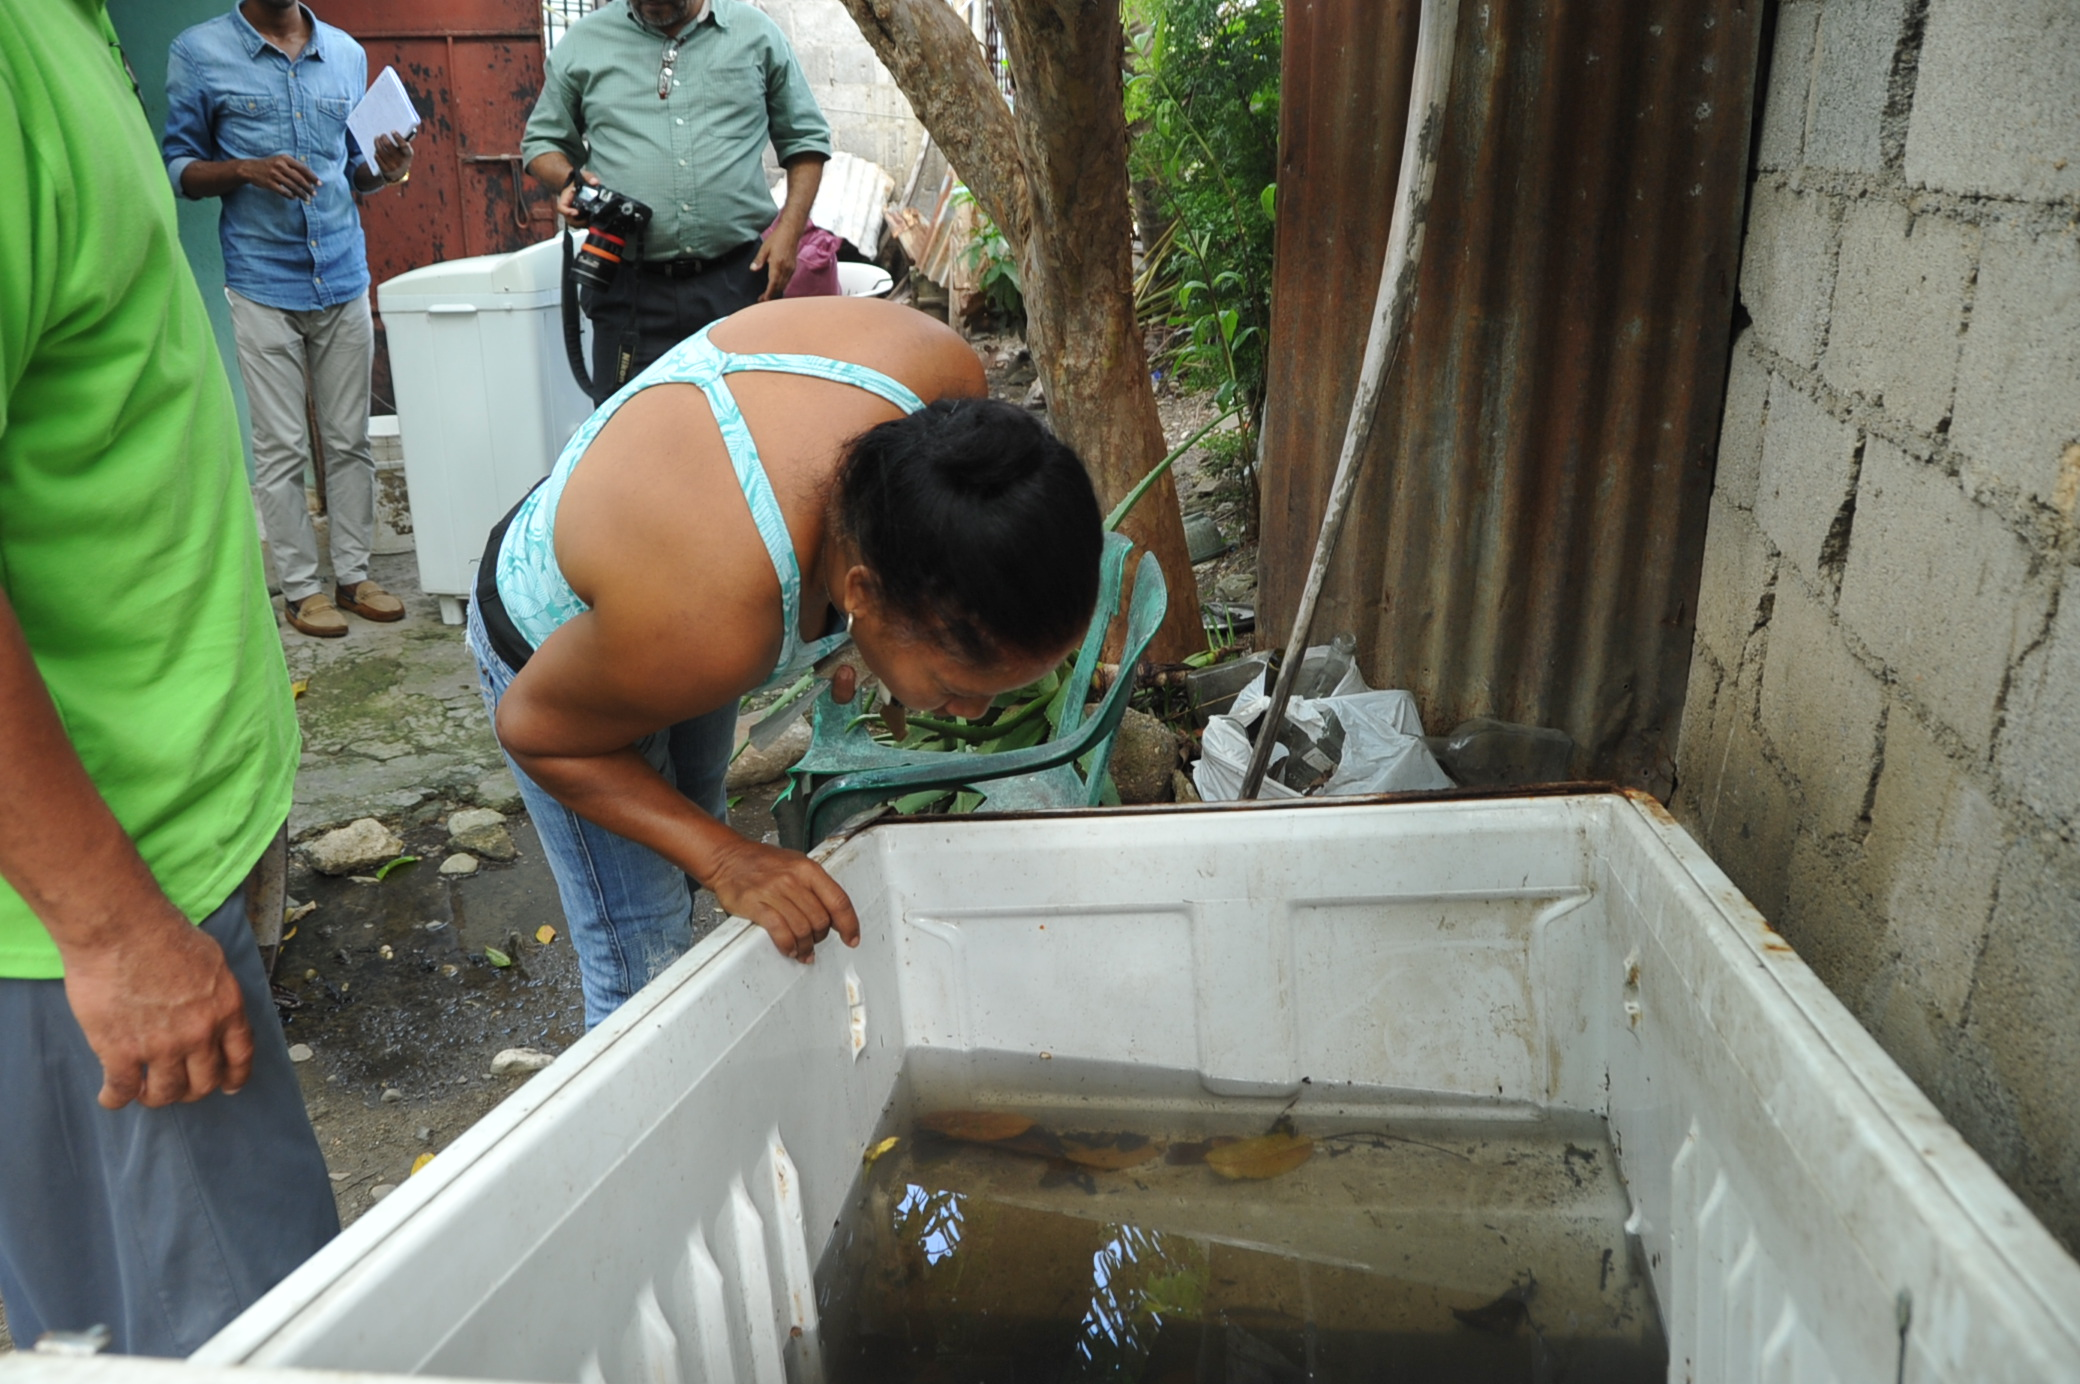 Vista de uno de múltiples criaderos localizada en la parte trasera de un hogar visitado en San Cristóbal.